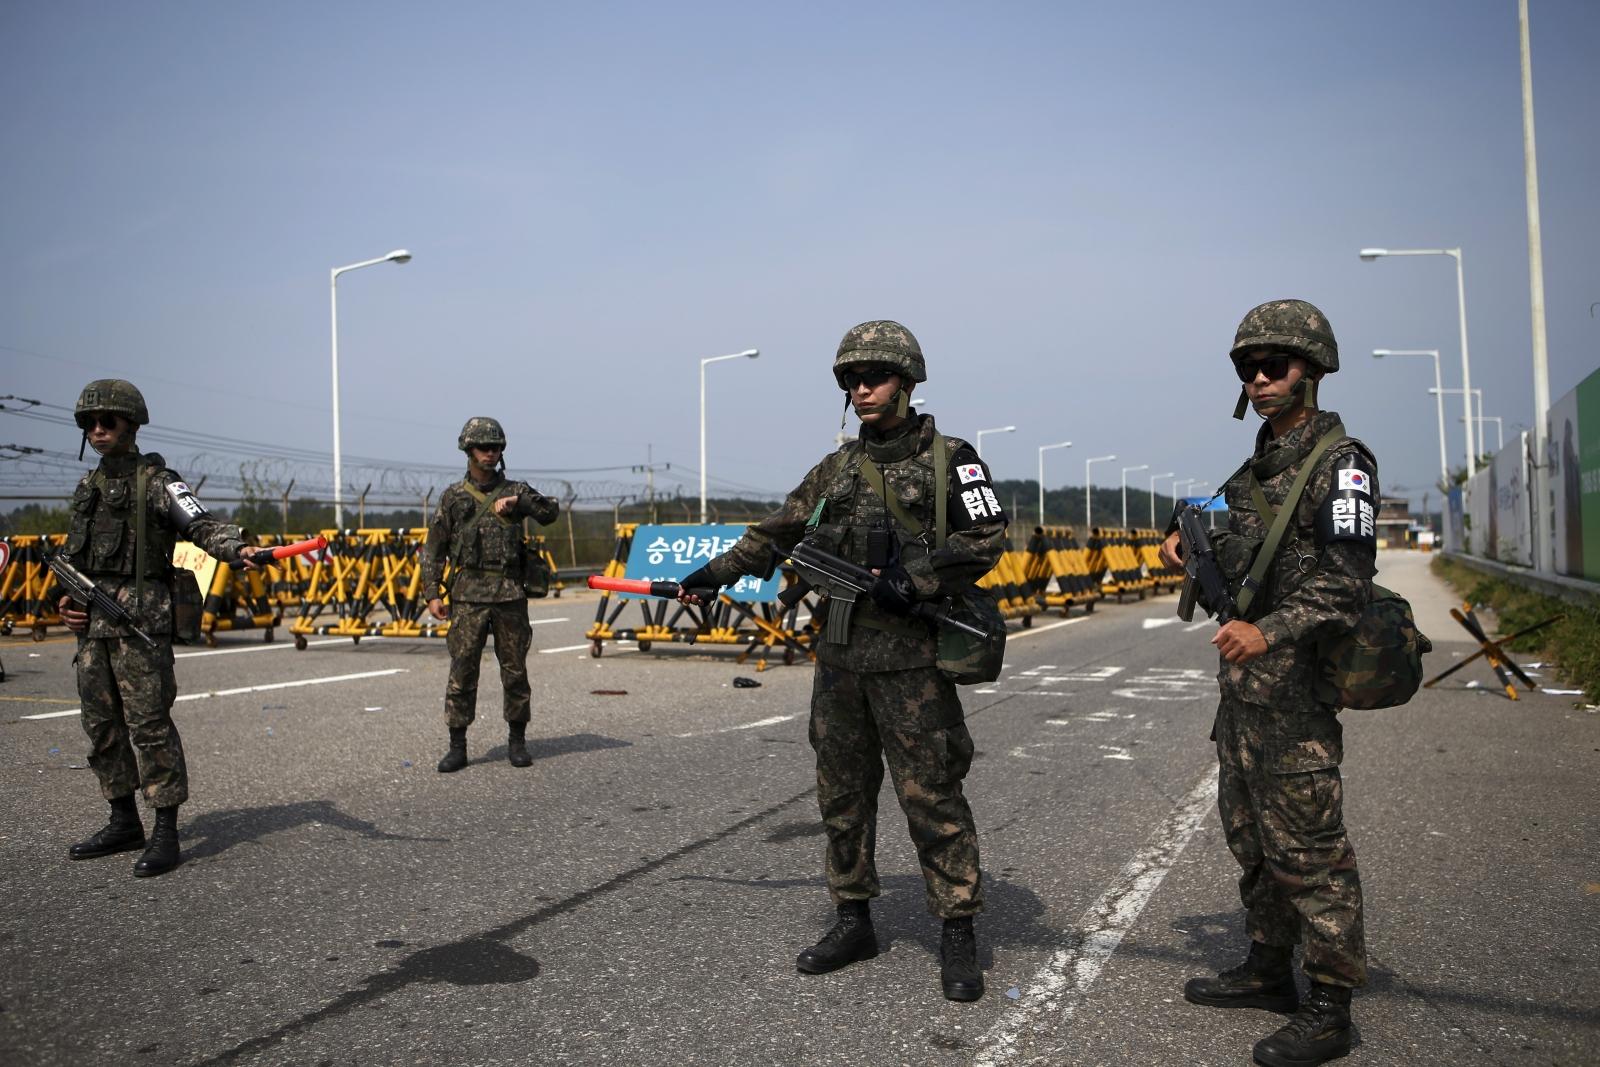 Korean peninsula crisis